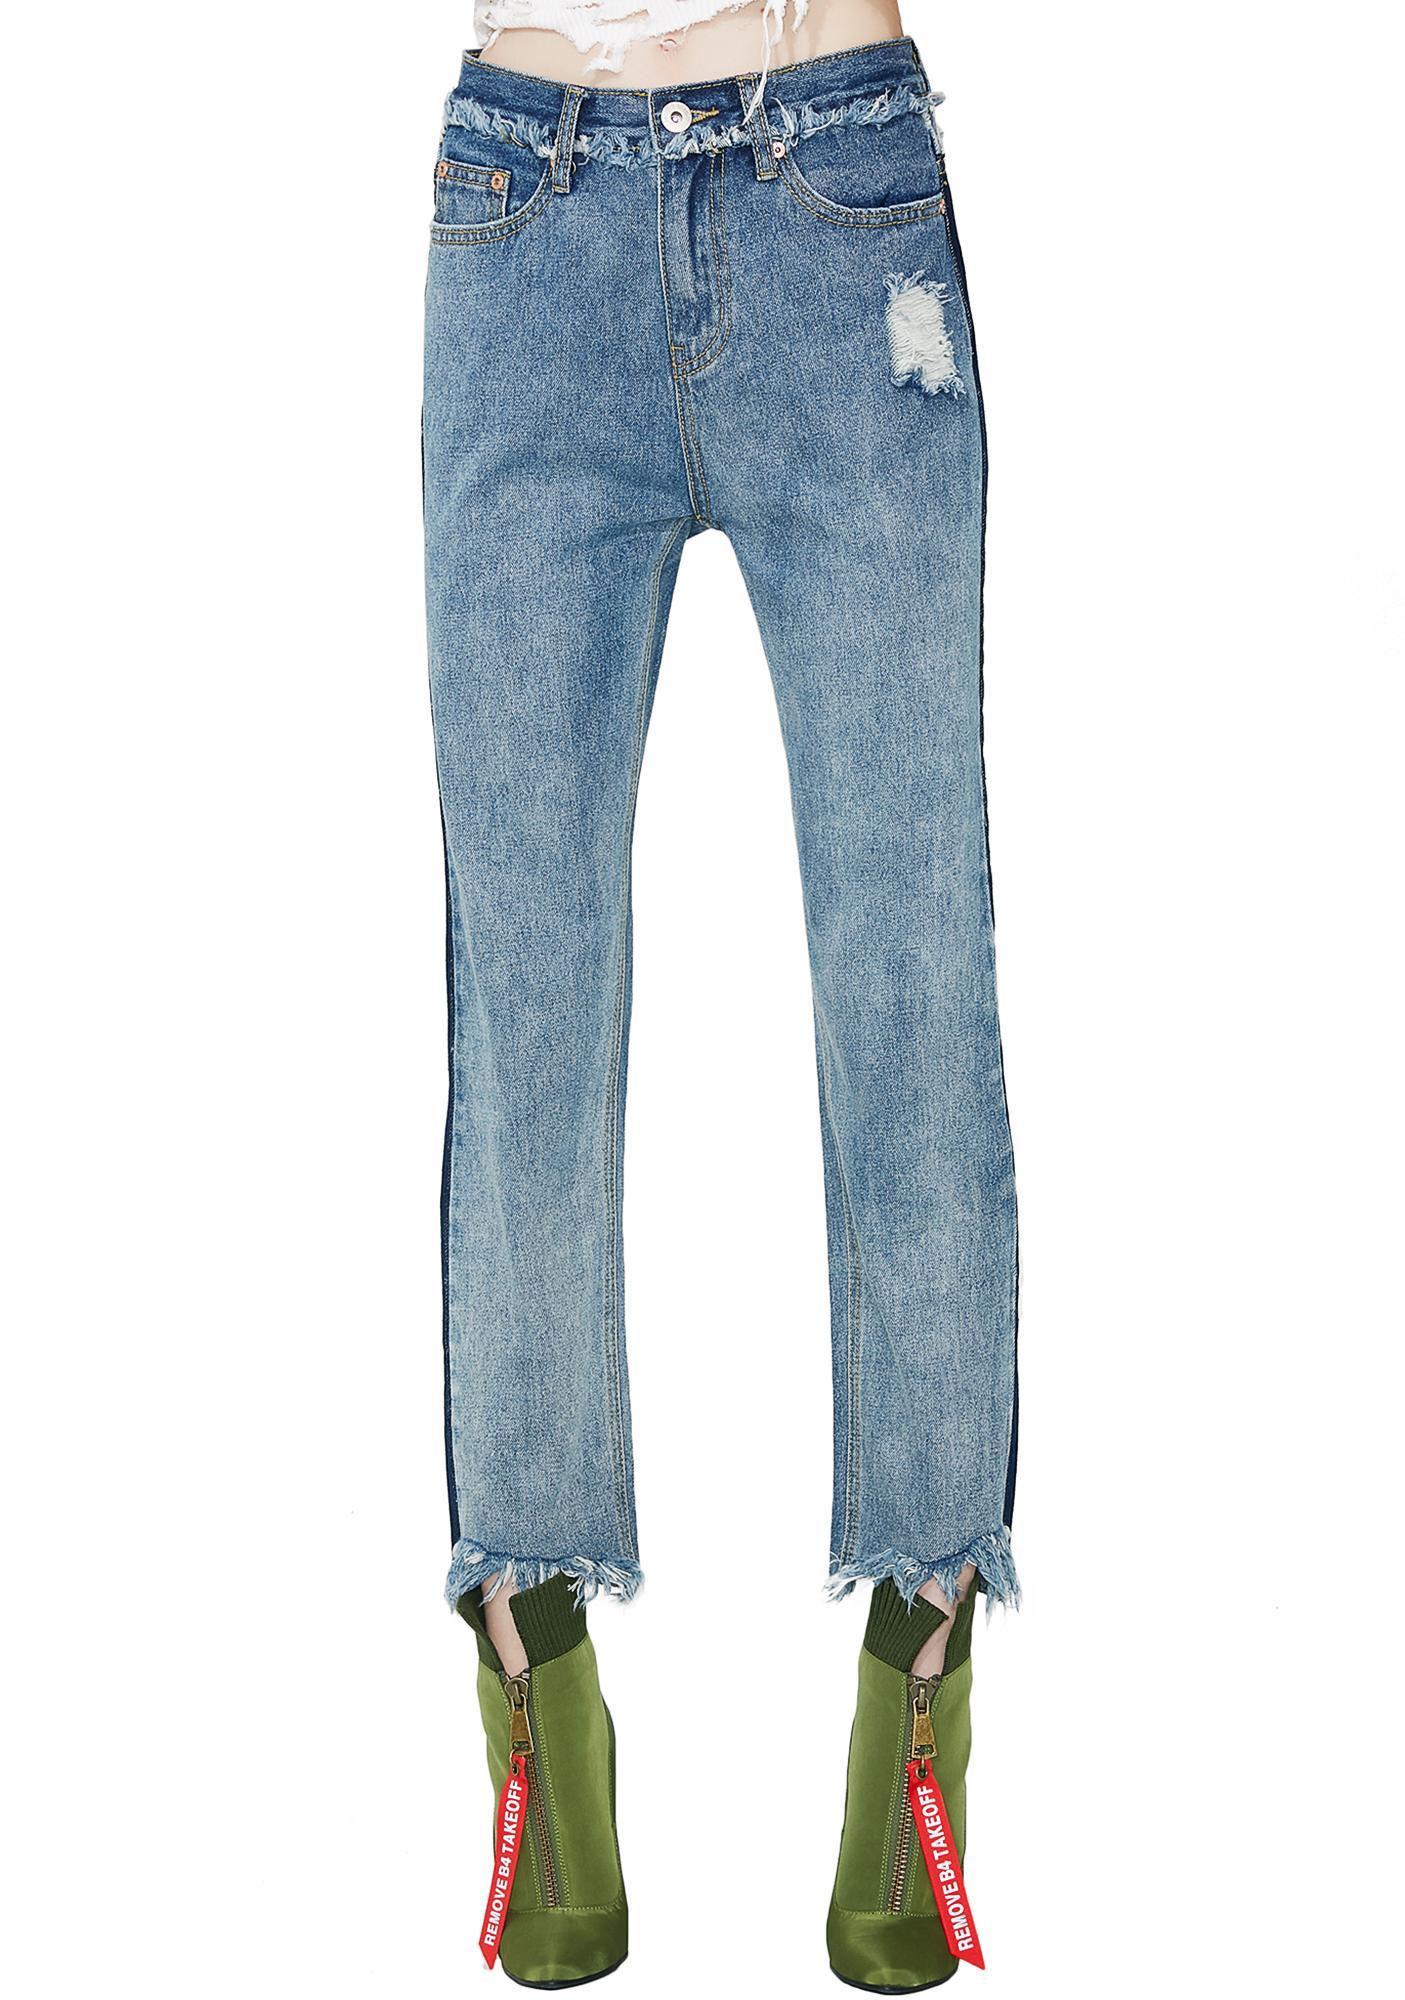 Double Standard Skinny Jeans